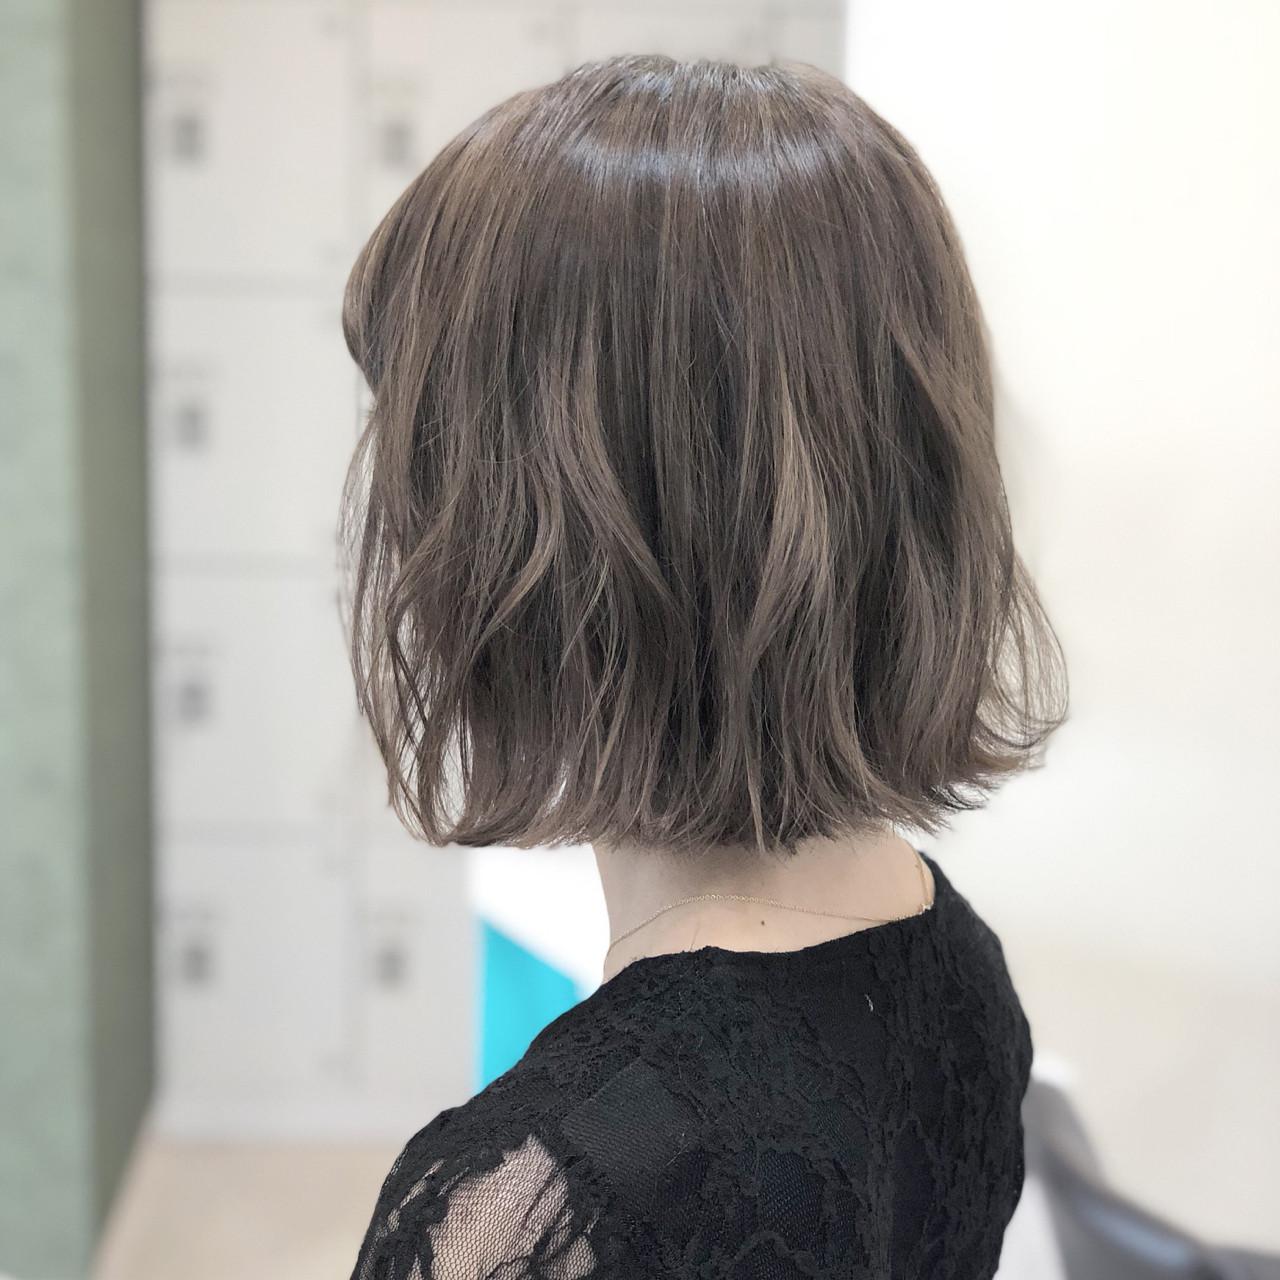 フェミニン ボブ 外国人風カラー ヘアアレンジ ヘアスタイルや髪型の写真・画像 | 古作 蓮 / 美容室 MICHI 富田店